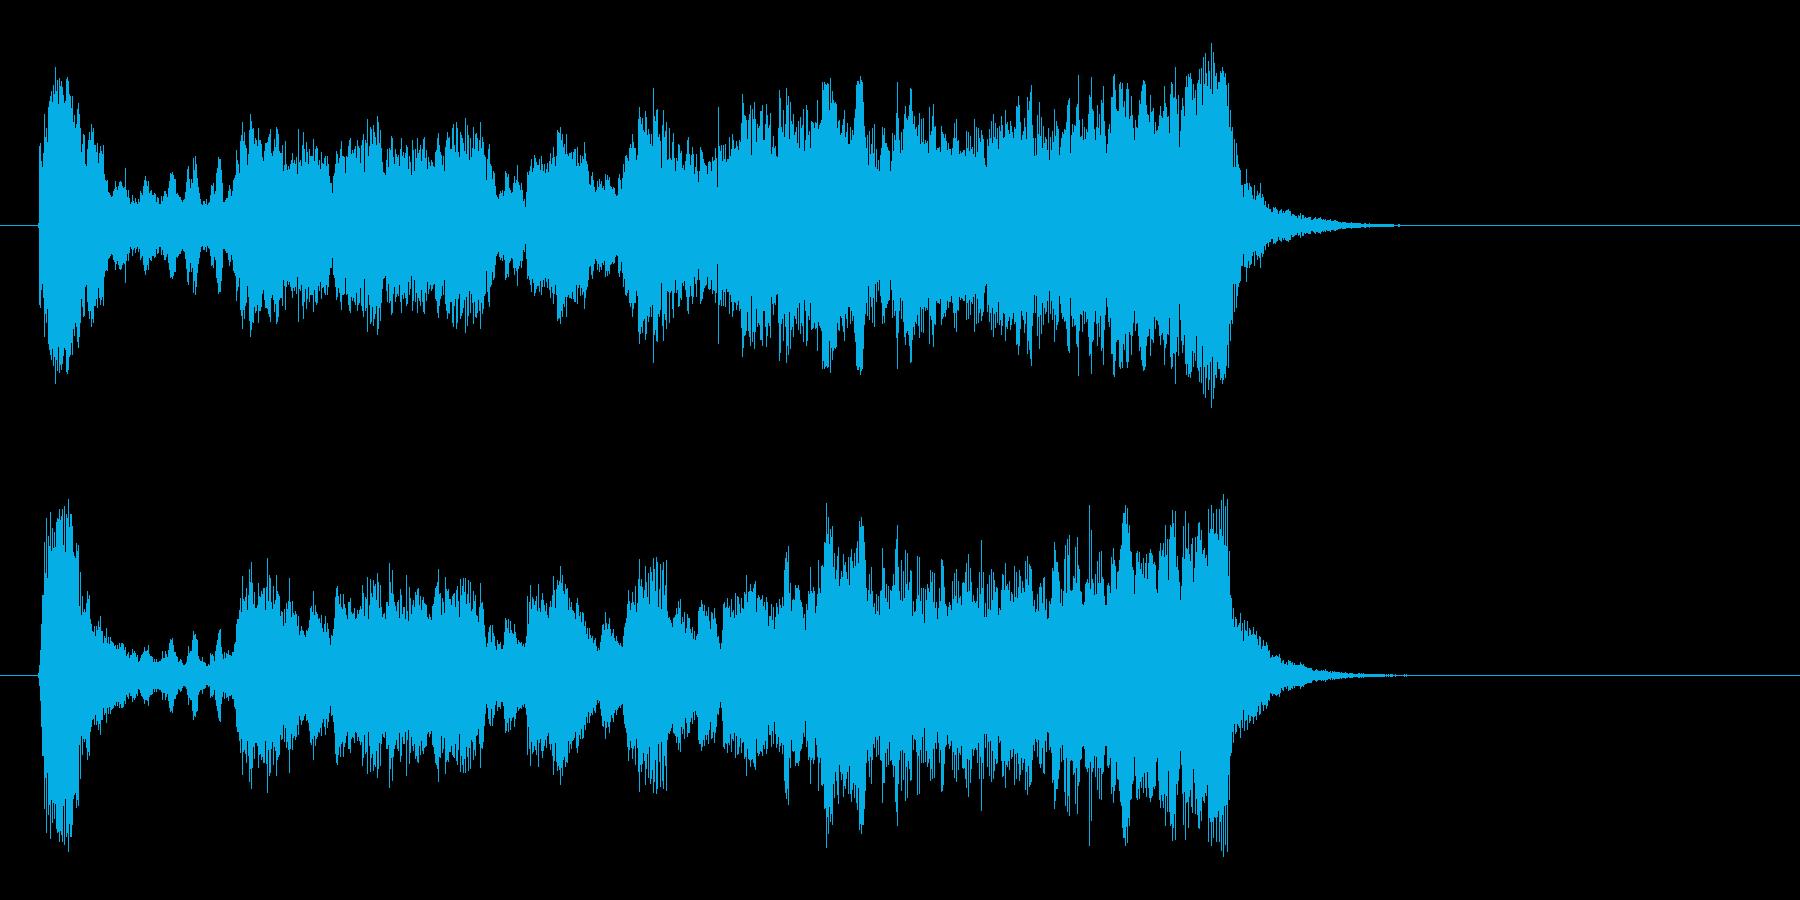 気品高いオーケストラ楽曲(イントロ)の再生済みの波形